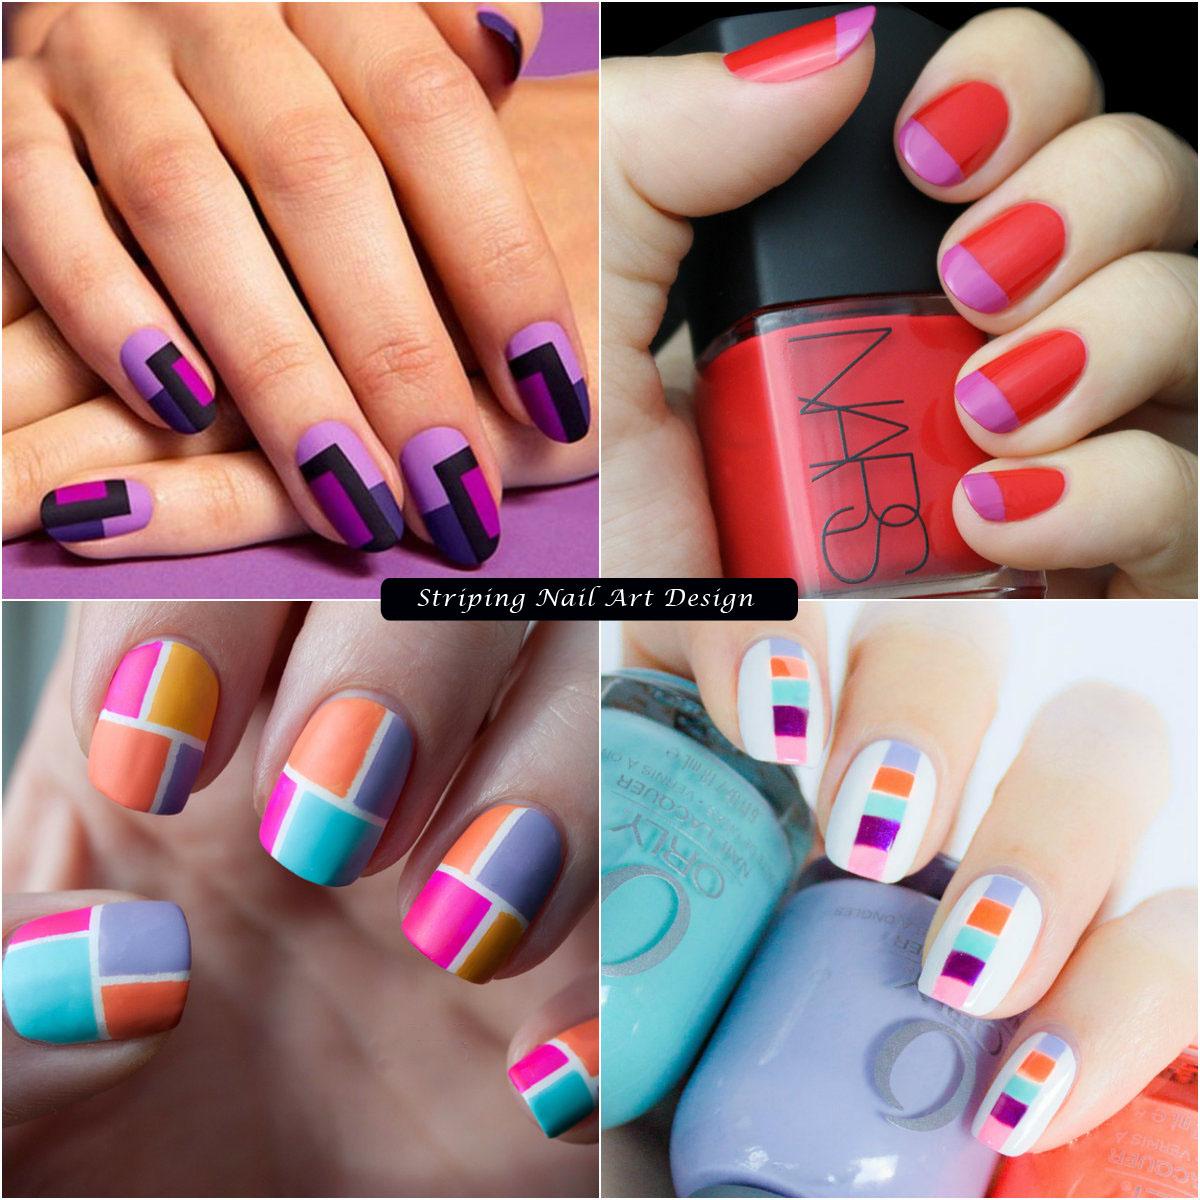 Color Blocked Striping nail art design